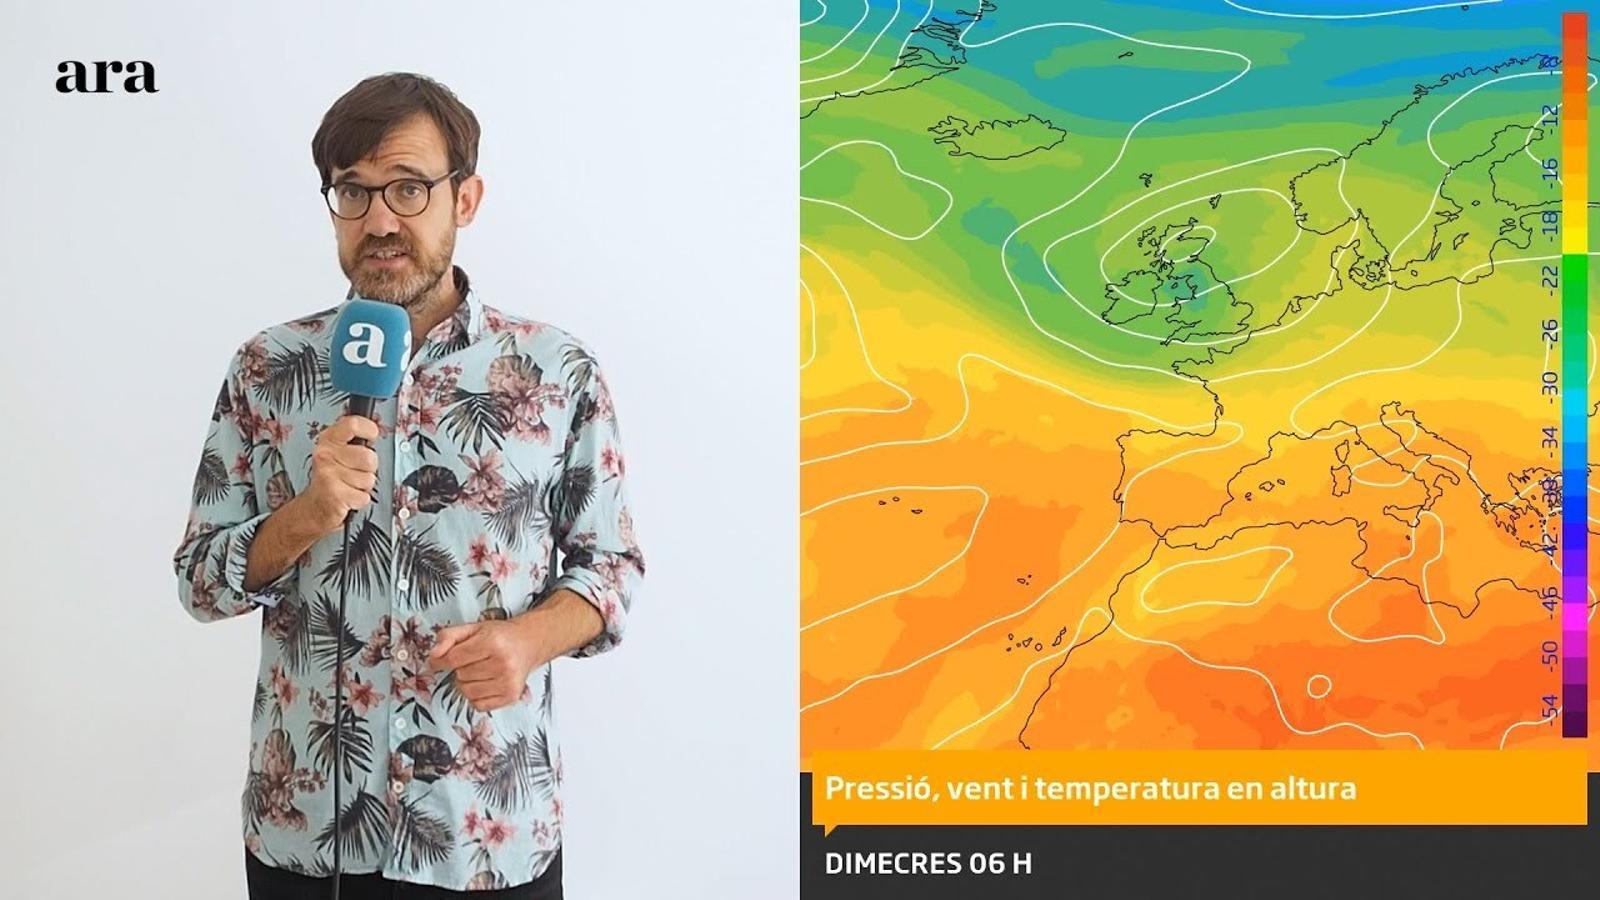 La méteo: la calorada tocarà sostre divendres i s'acabarà diumenge